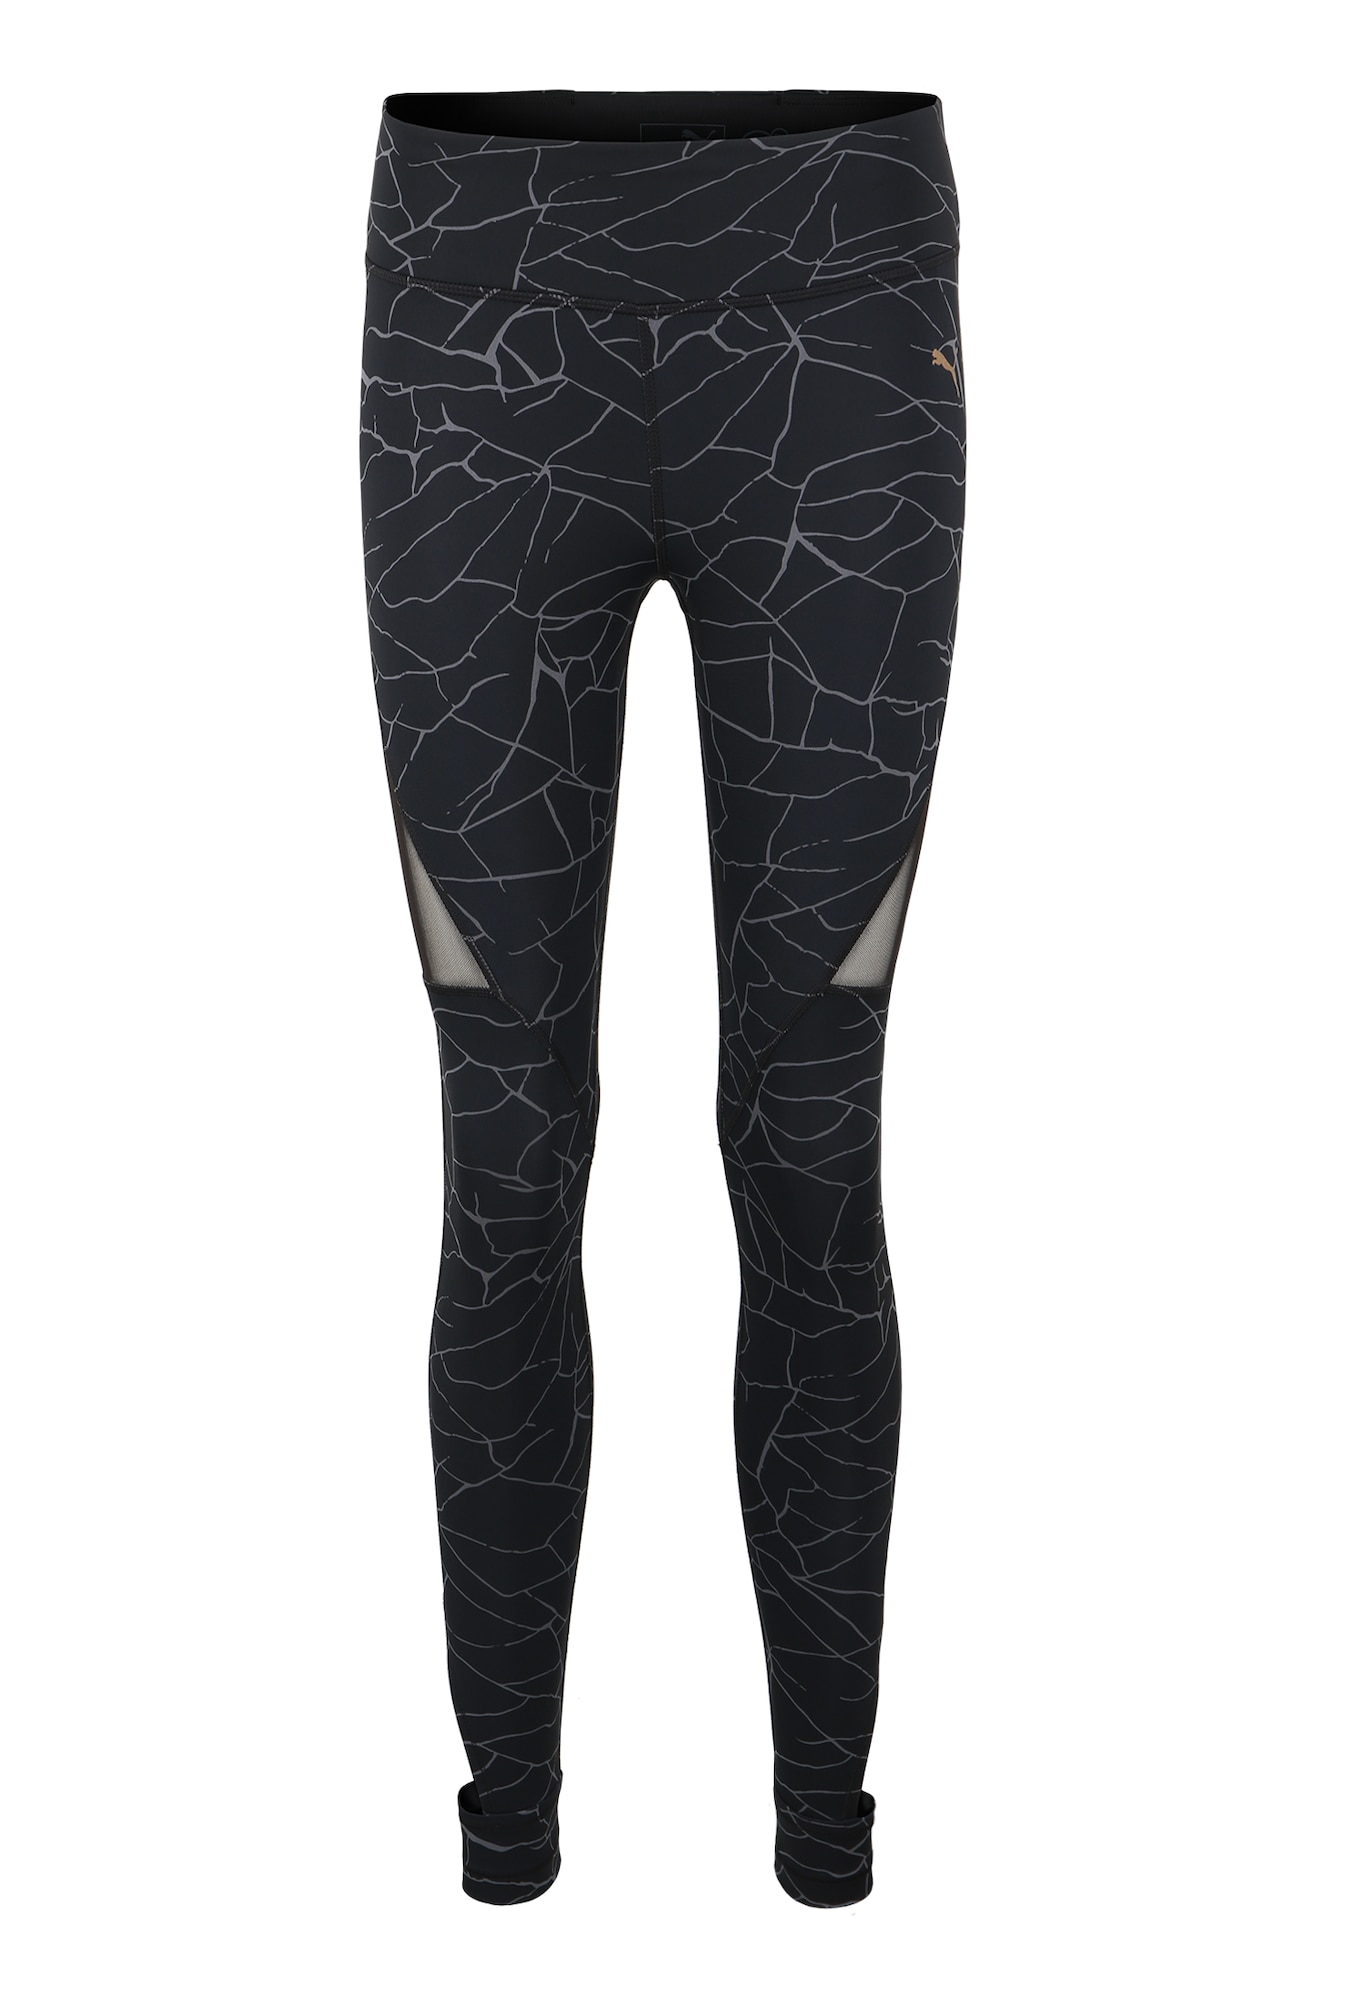 Sportovní kalhoty Explosive Graphic Tight šedá černá PUMA